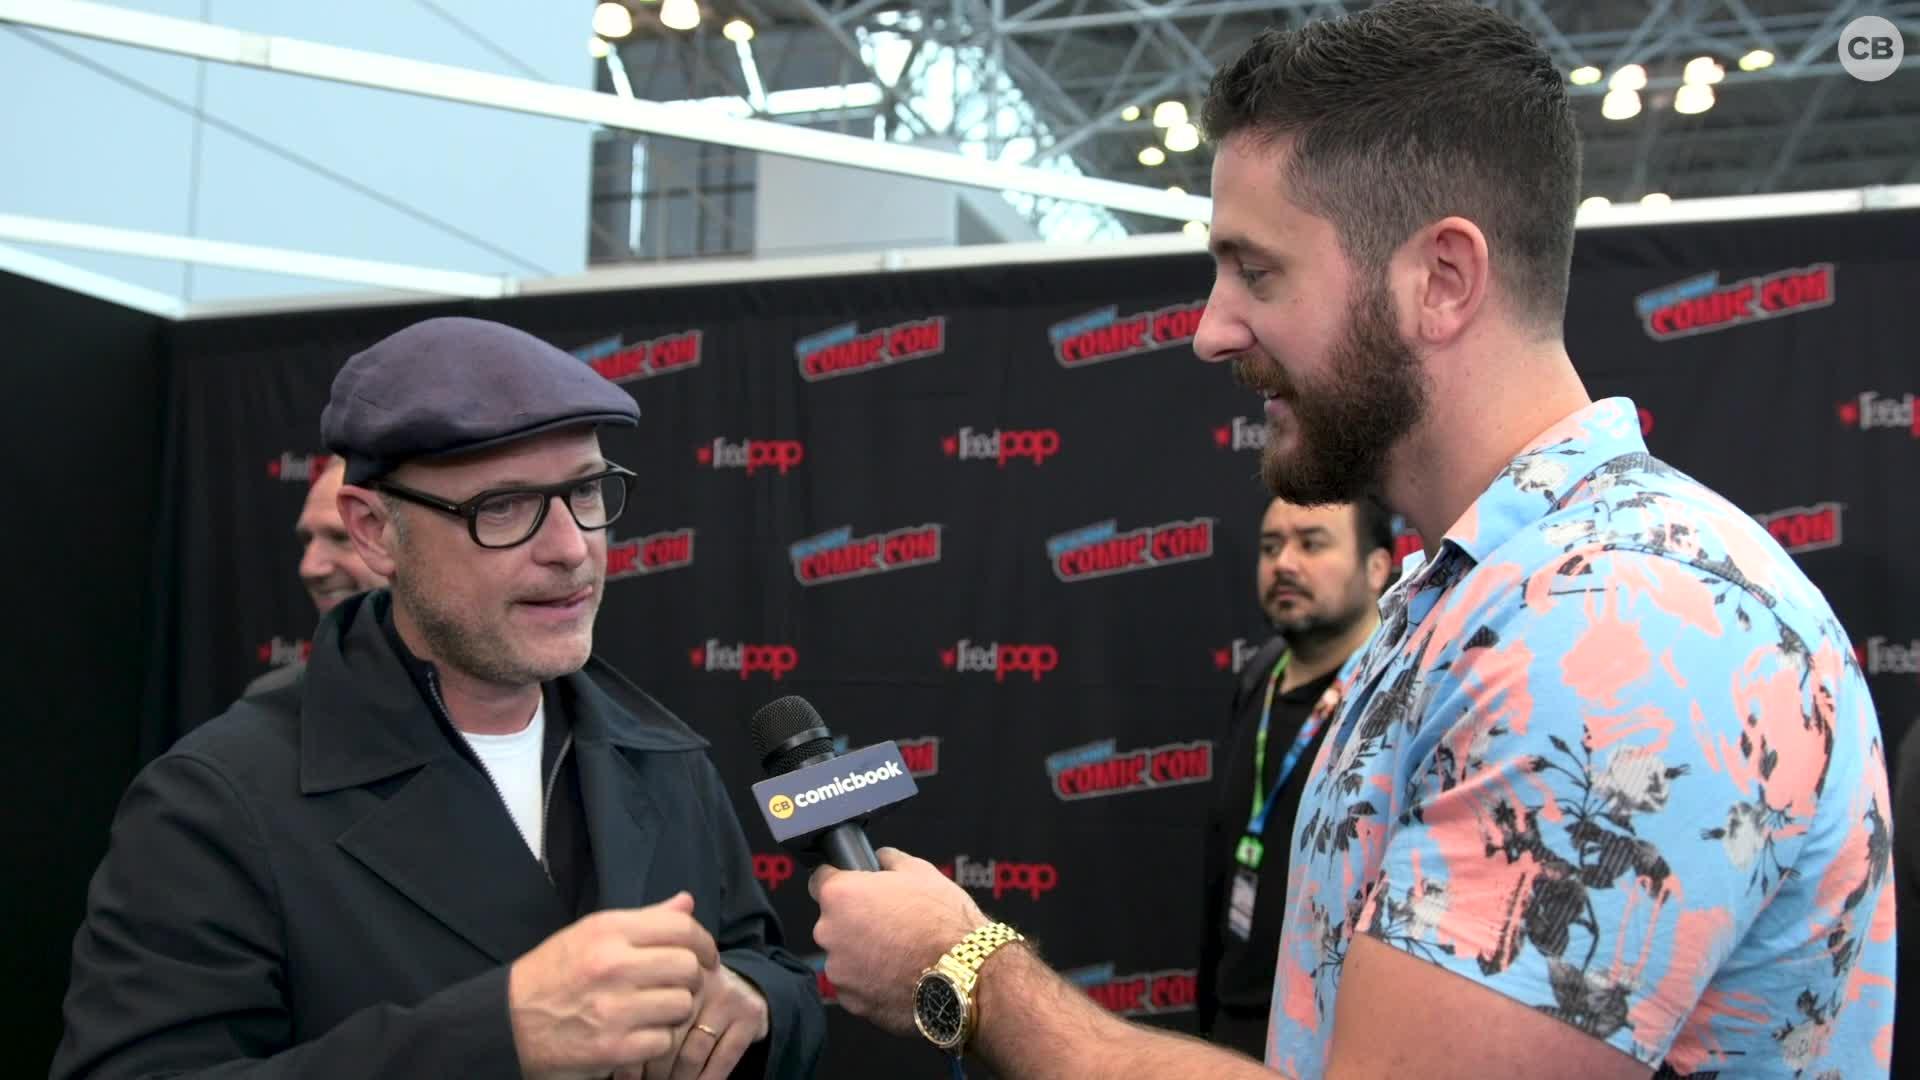 Matthew Vaughn - NYCC 2019 Exclusive Interview screen capture